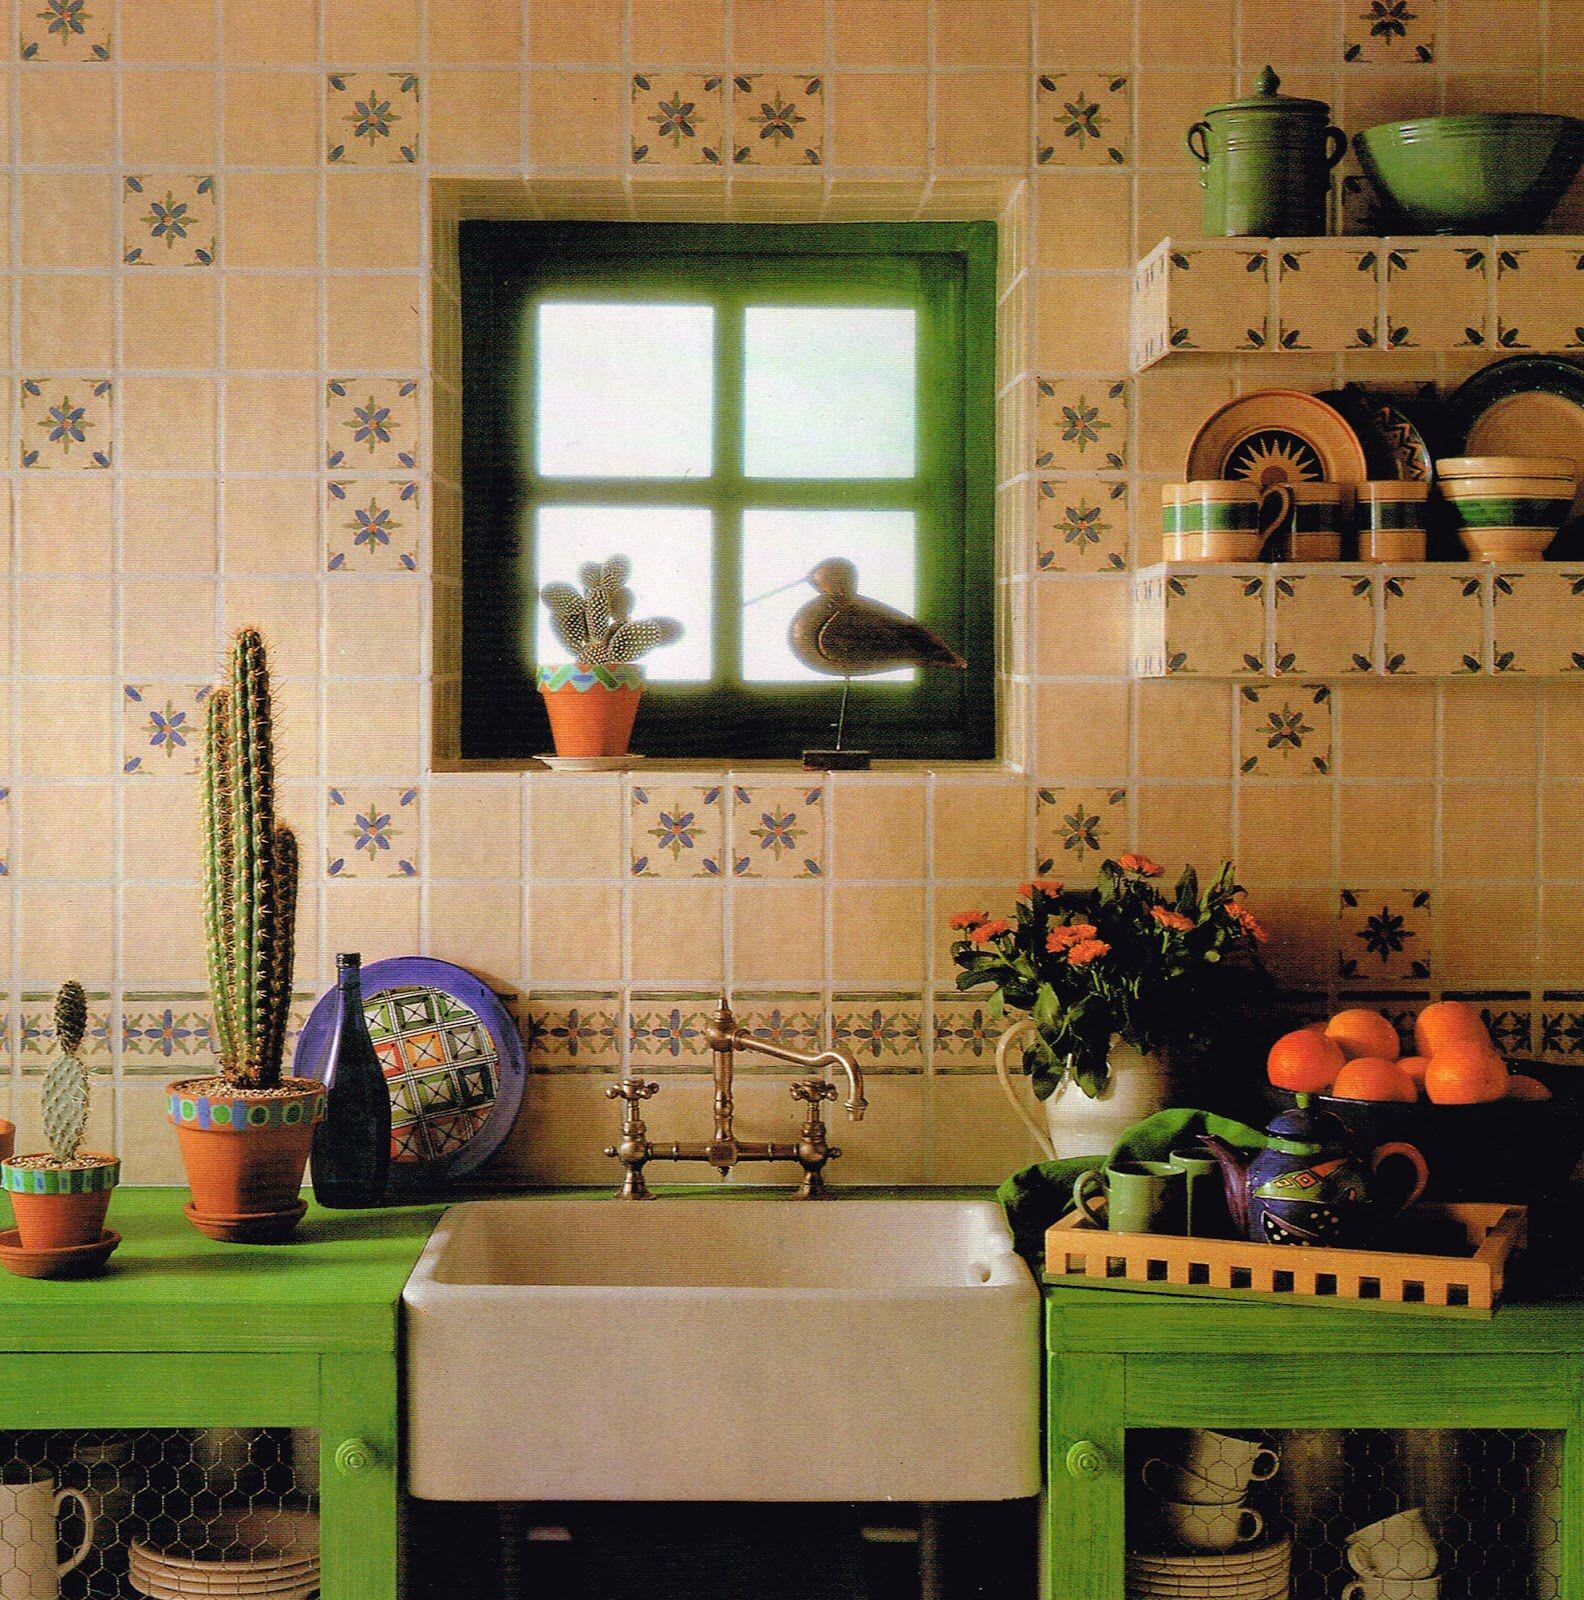 Hermosa cocina mexi color pinterest hermosa cocinas for Decoracion de cocinas rusticas mexicanas